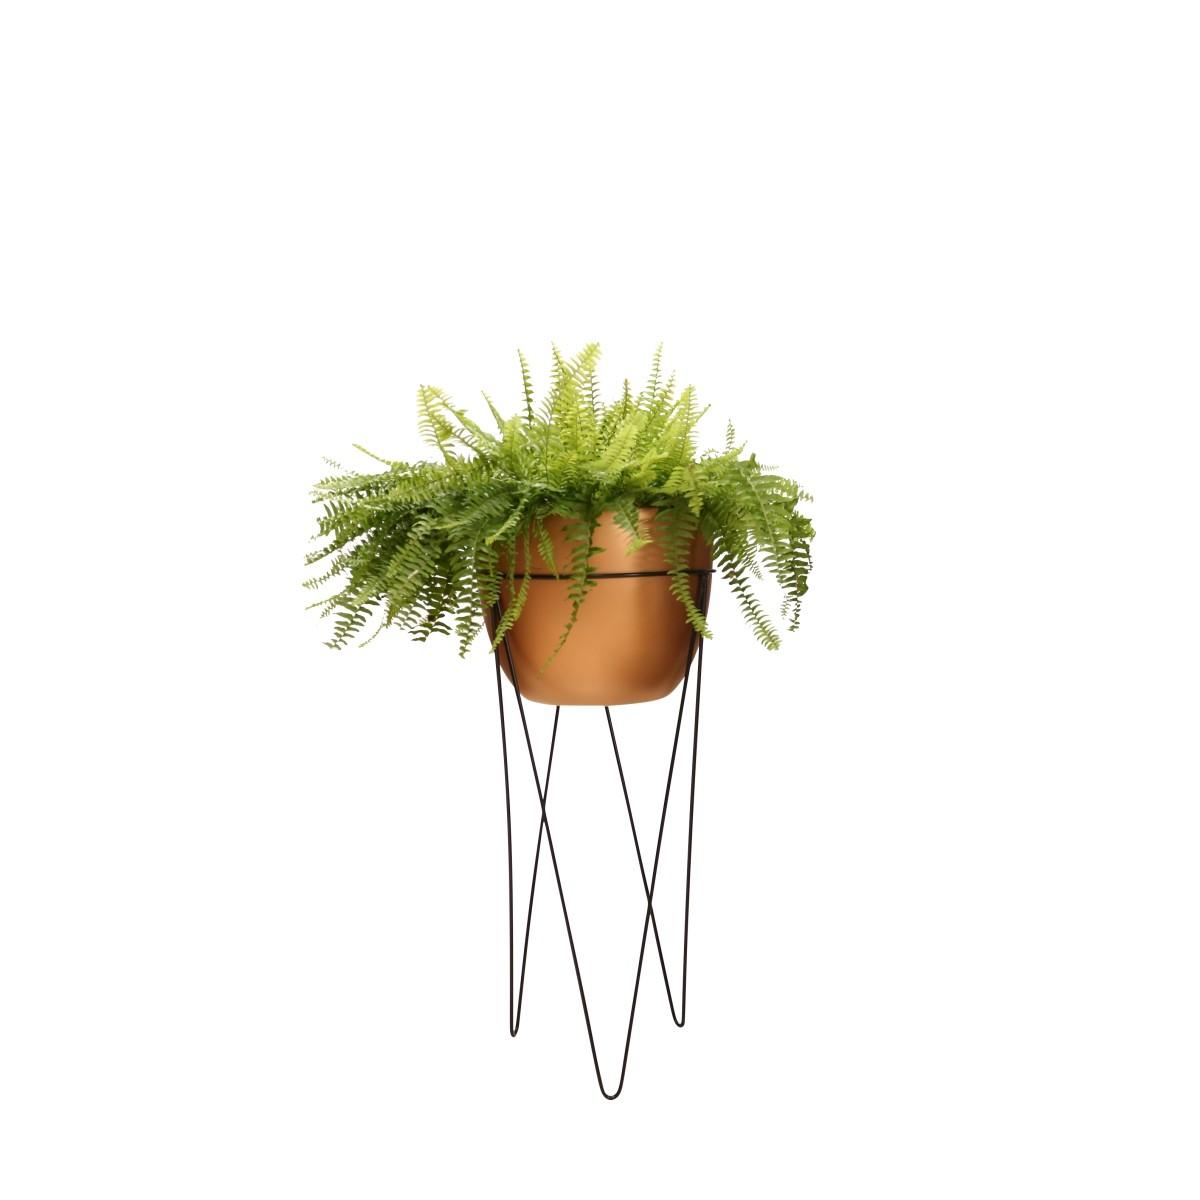 Vaso de Chão Bronze Novel Grande 25cm x 32cm - 5756